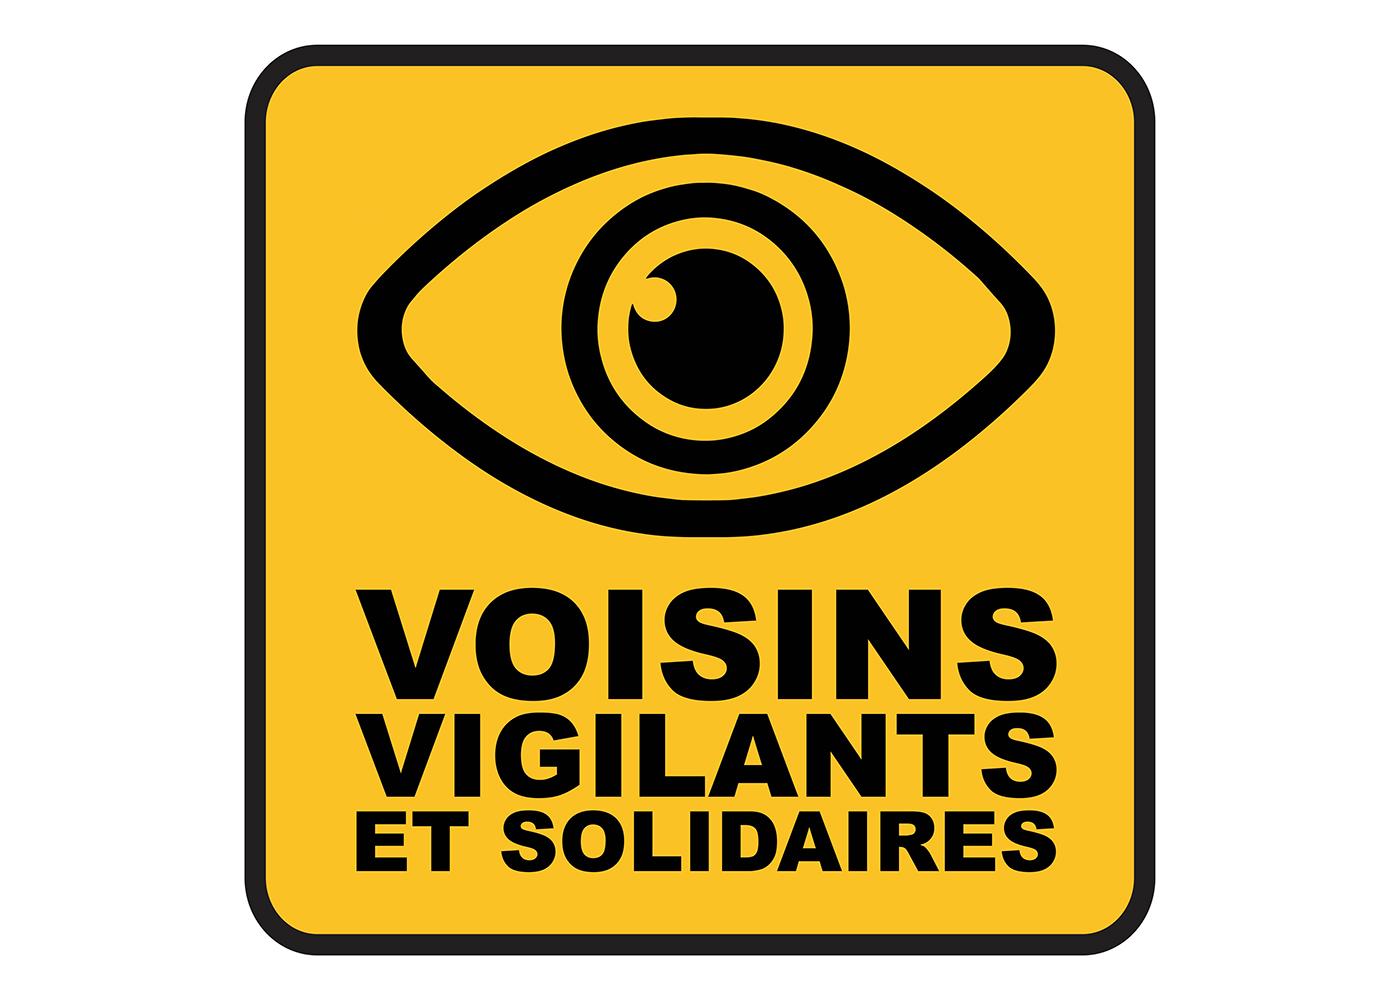 Voisins vigilants et solidaires